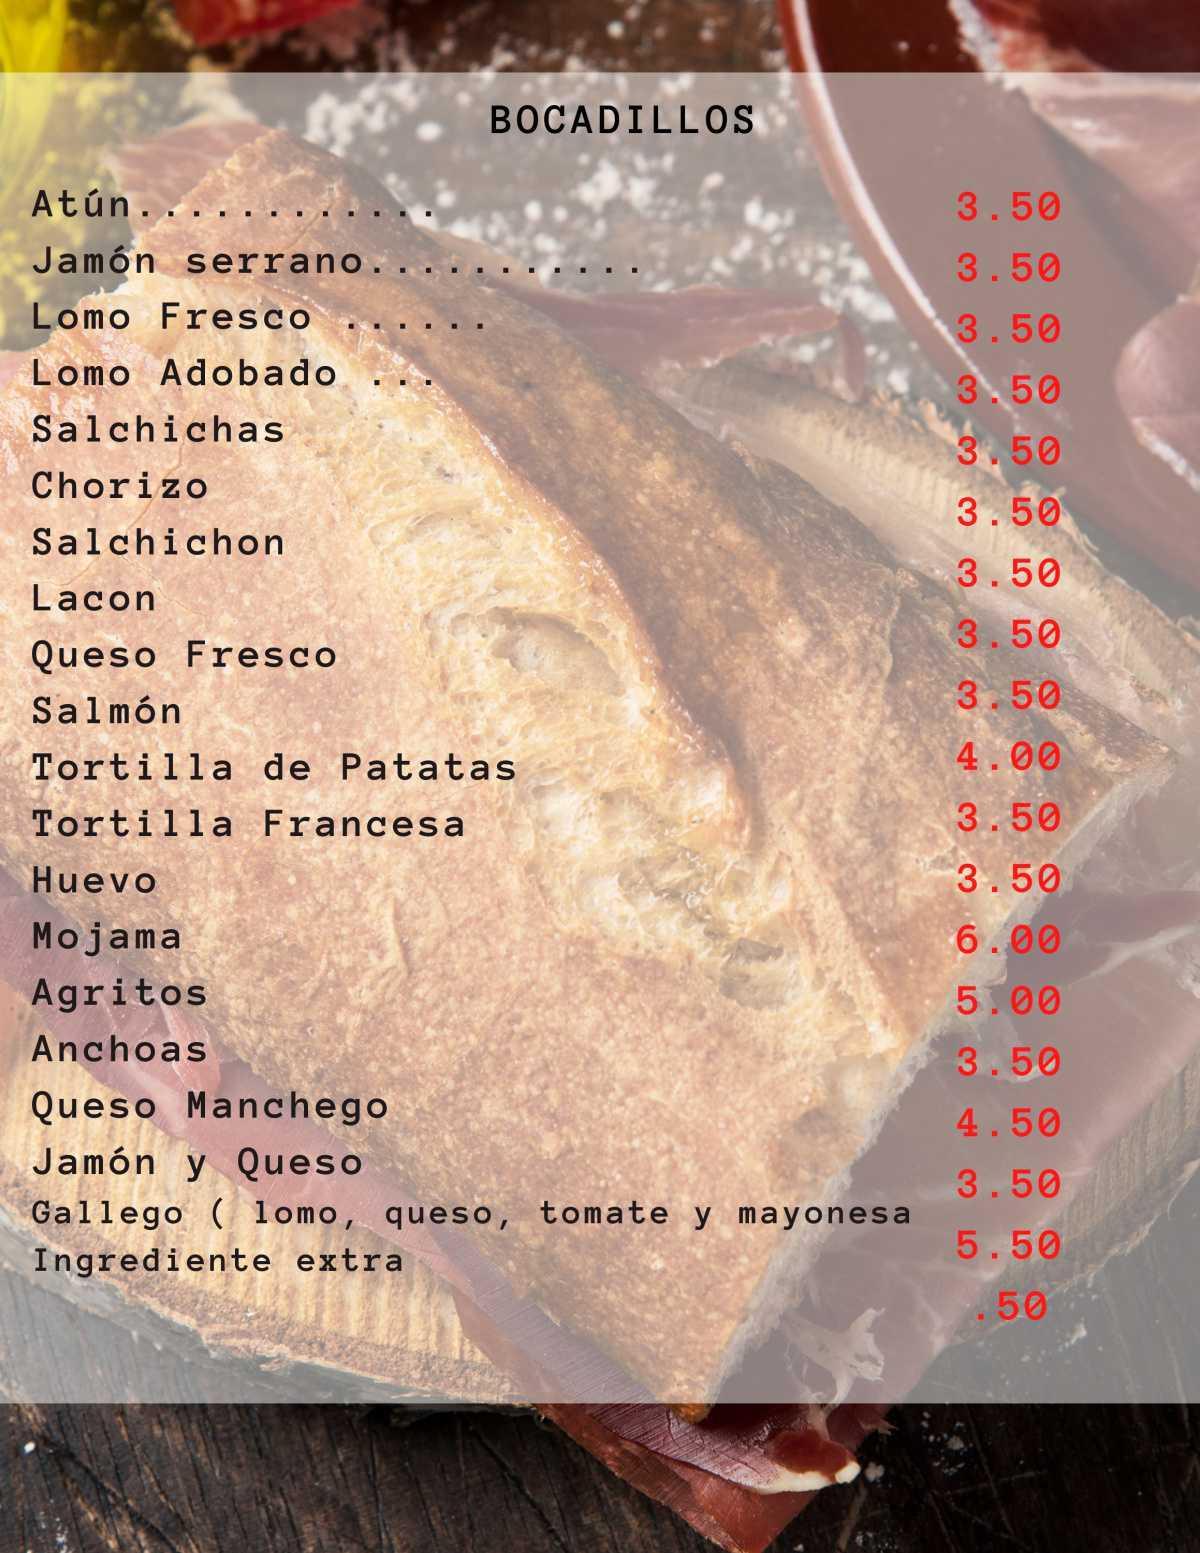 Meson del Gallego